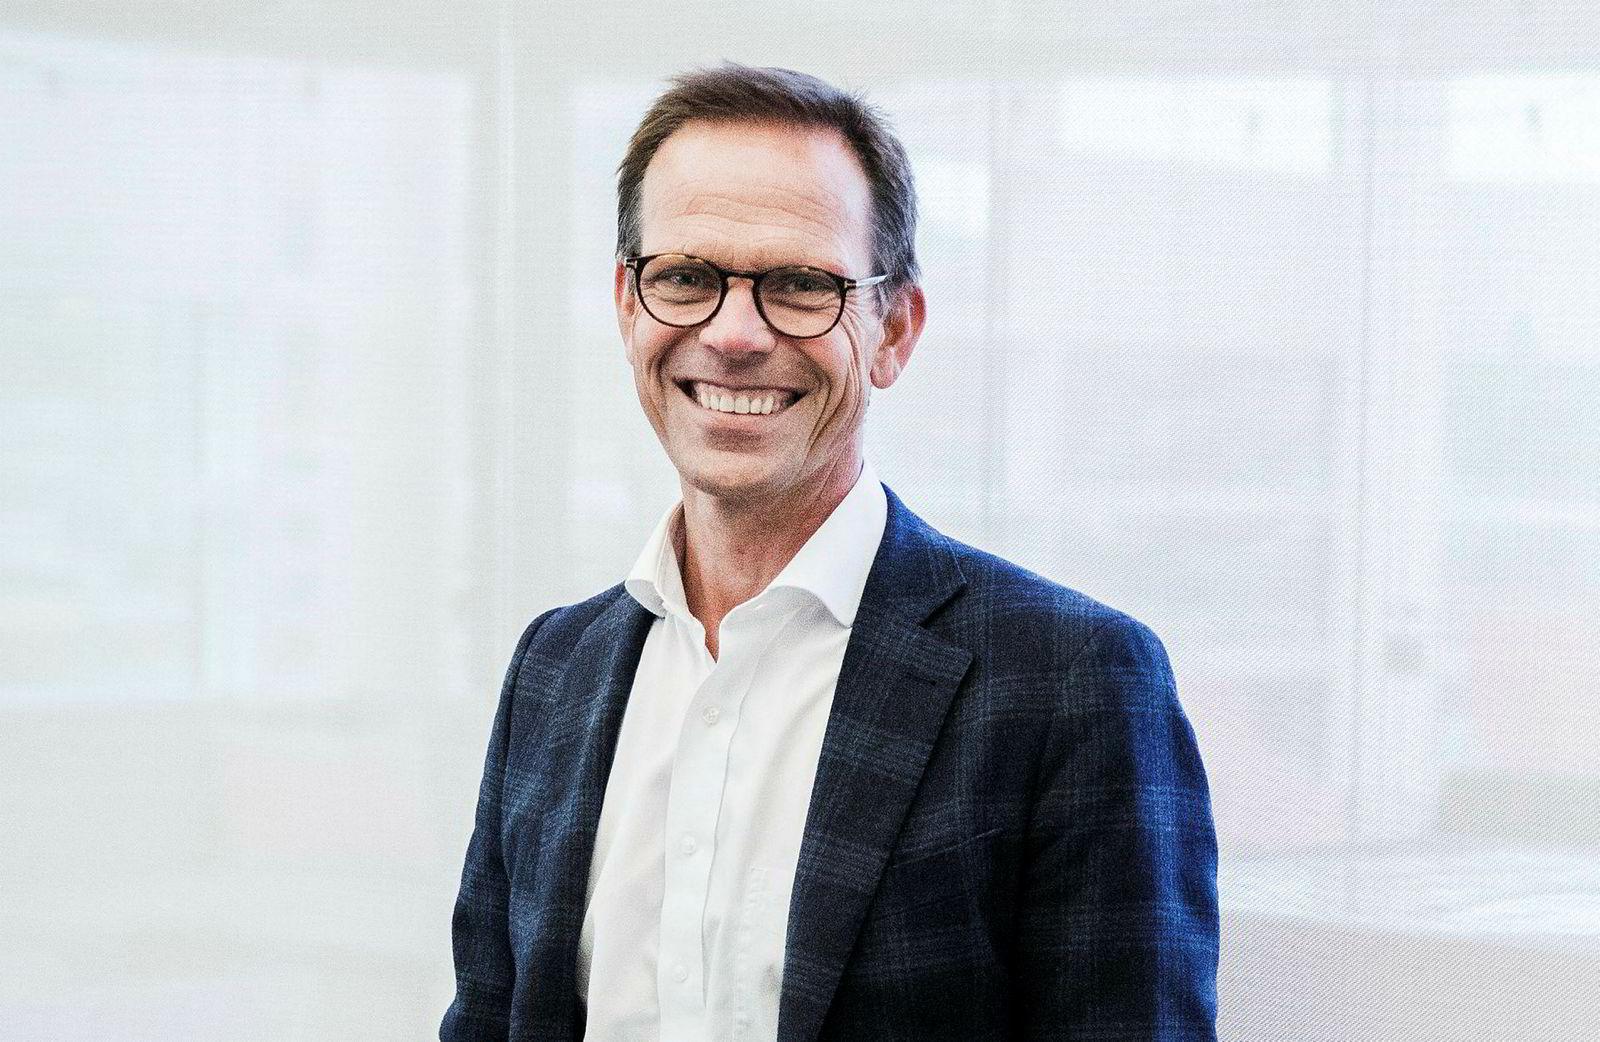 Mikkel Røisland i Røisland & Co. tror utbudet av nye boliger vil holde seg høyt gjennom 2019.